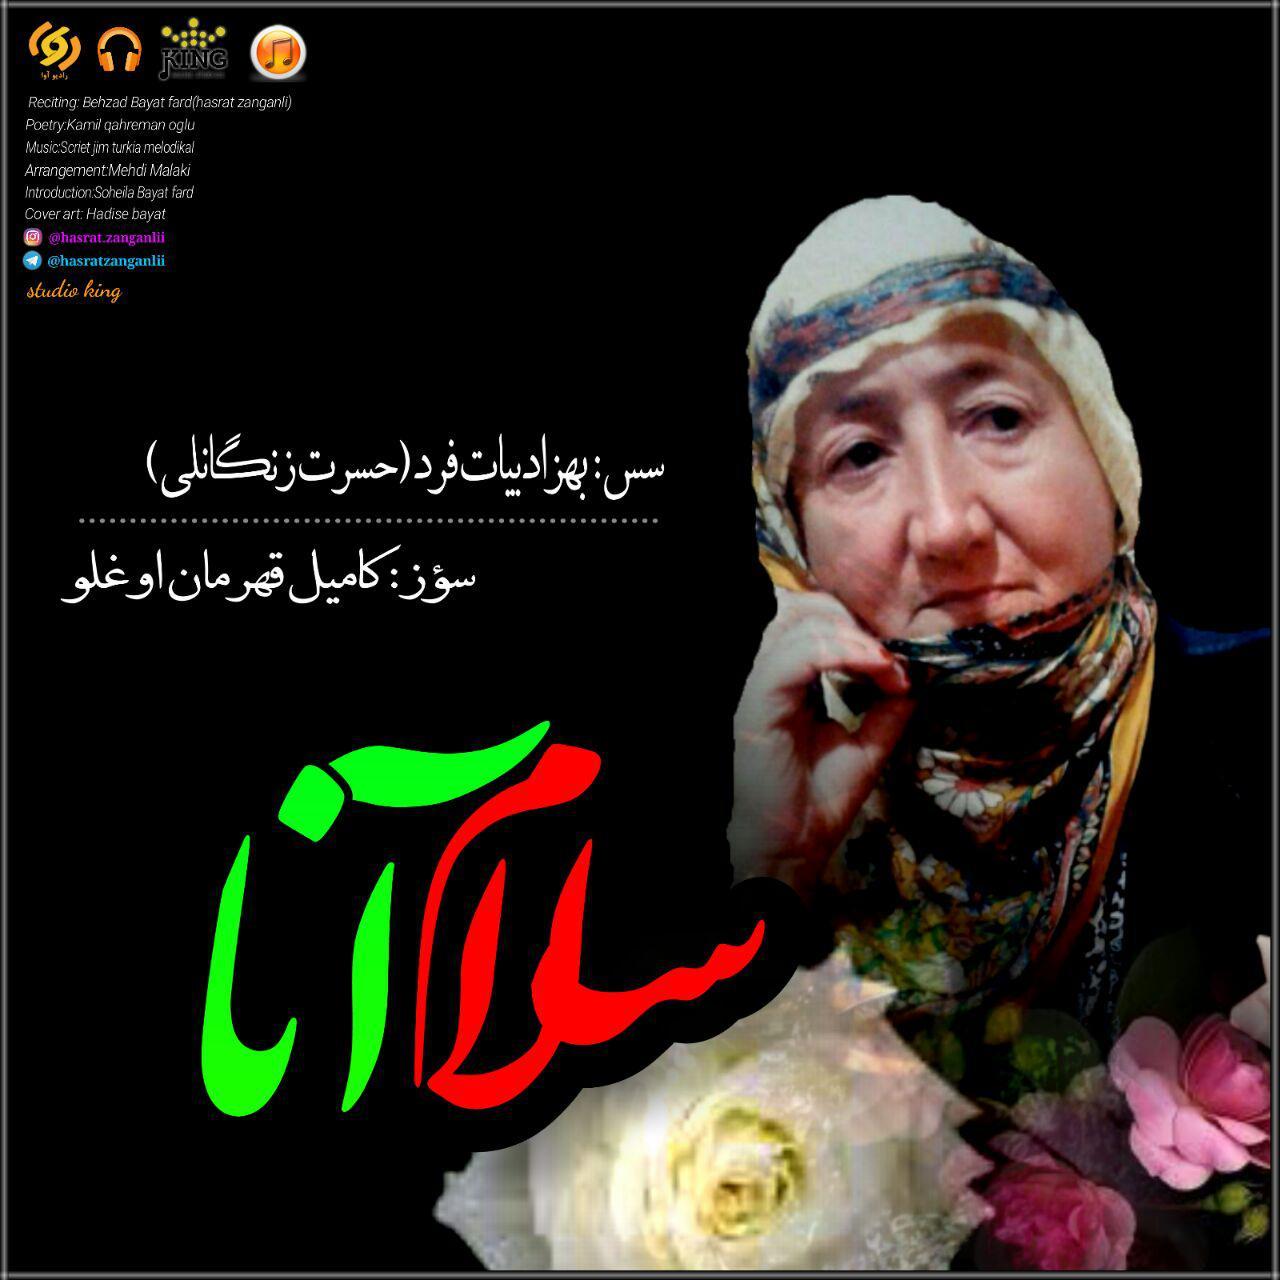 http://s9.picofile.com/file/8336026084/16Hasrat_Zanganli_Salam_Ana.jpg